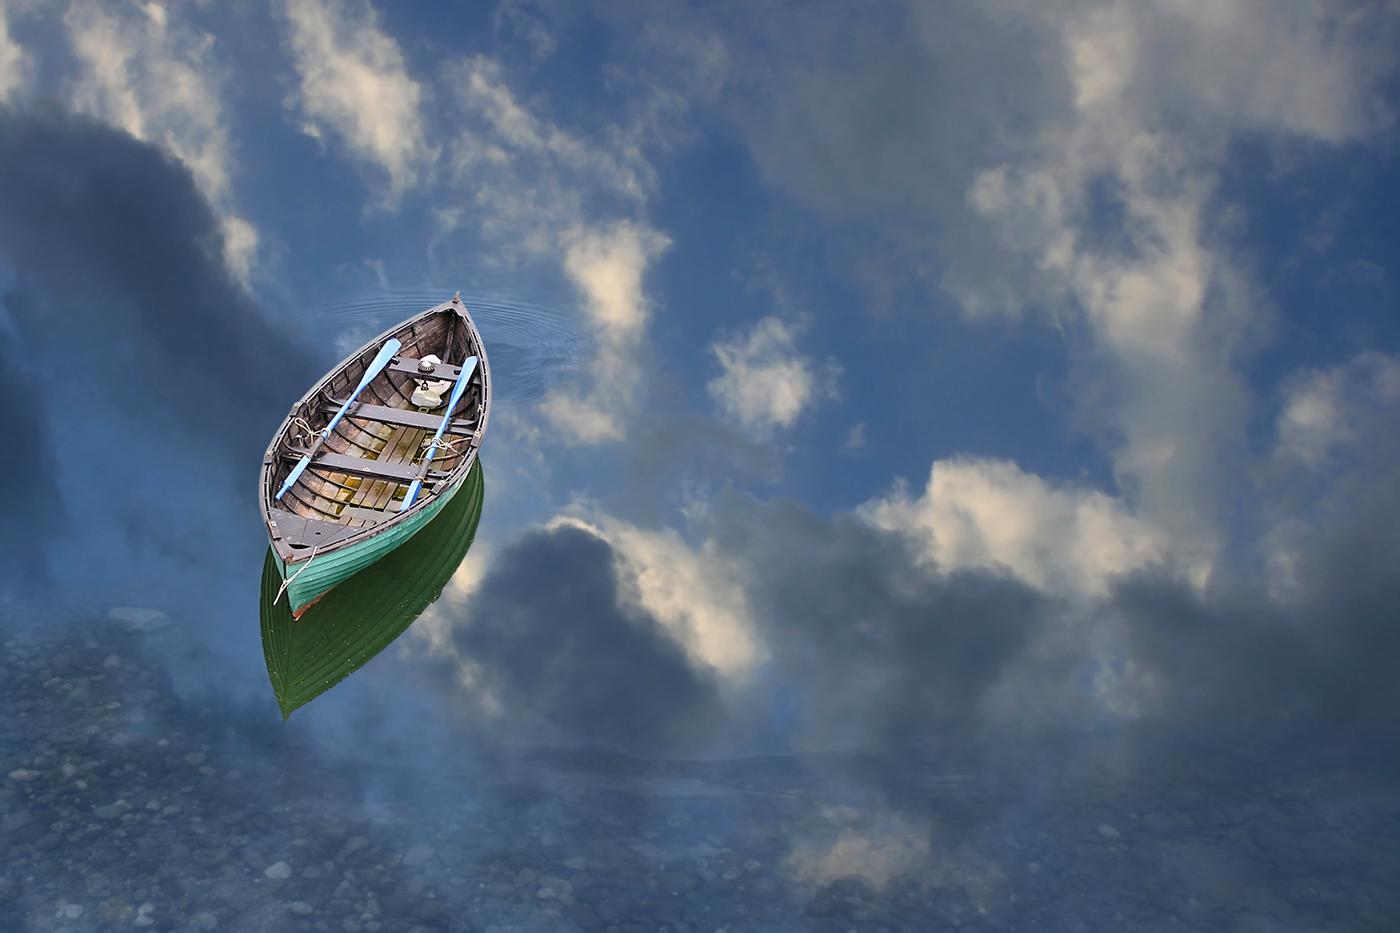 лодка на воде с отражением в воде